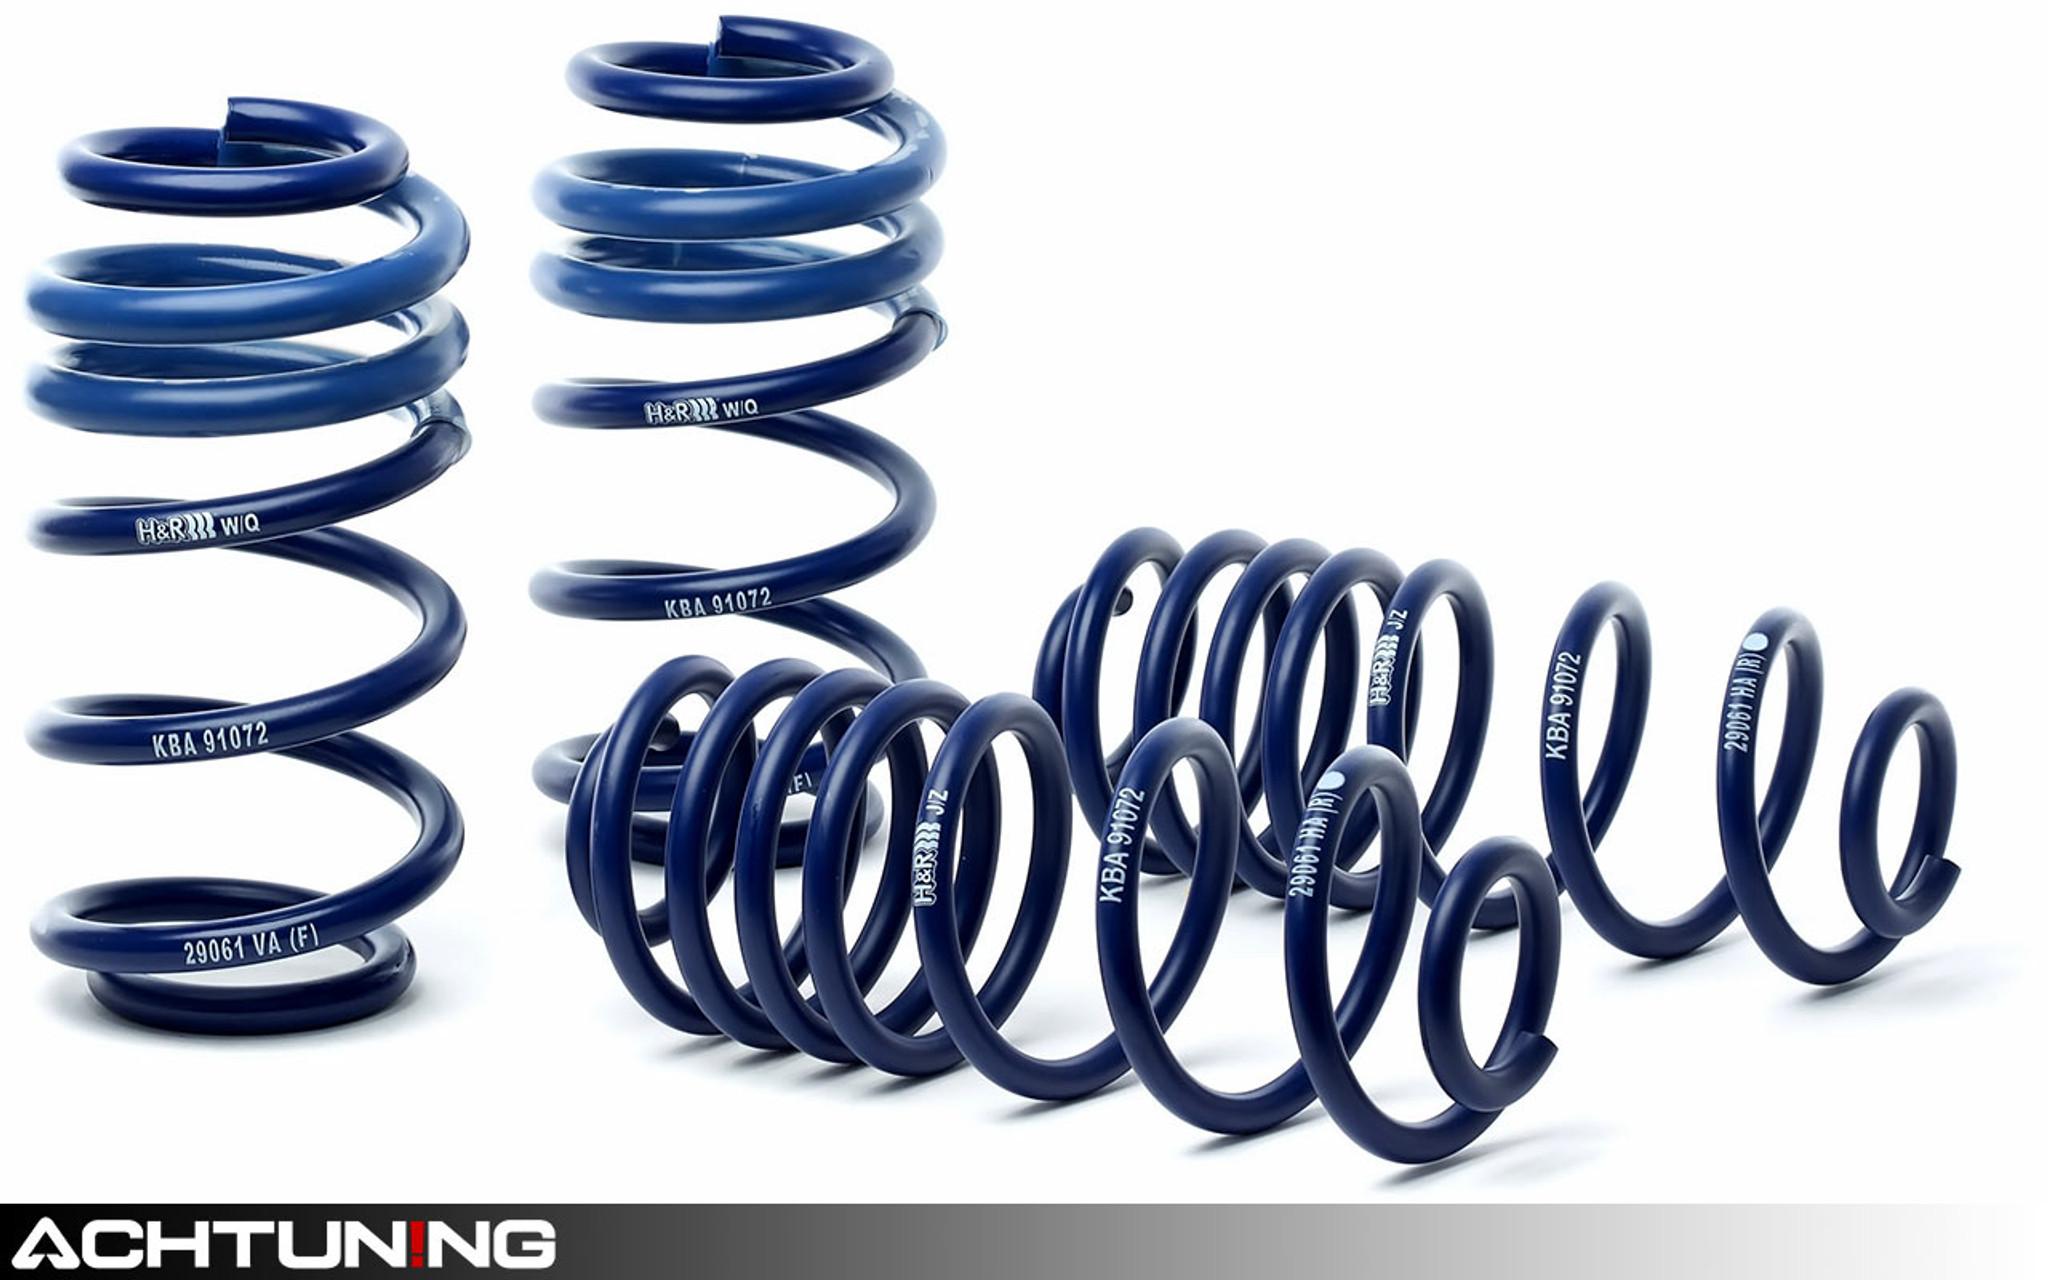 for 47-54 Chrysler Trunk Compartment Kit 5205cm2 Zirgo 313939 Heat and Sound Deadener